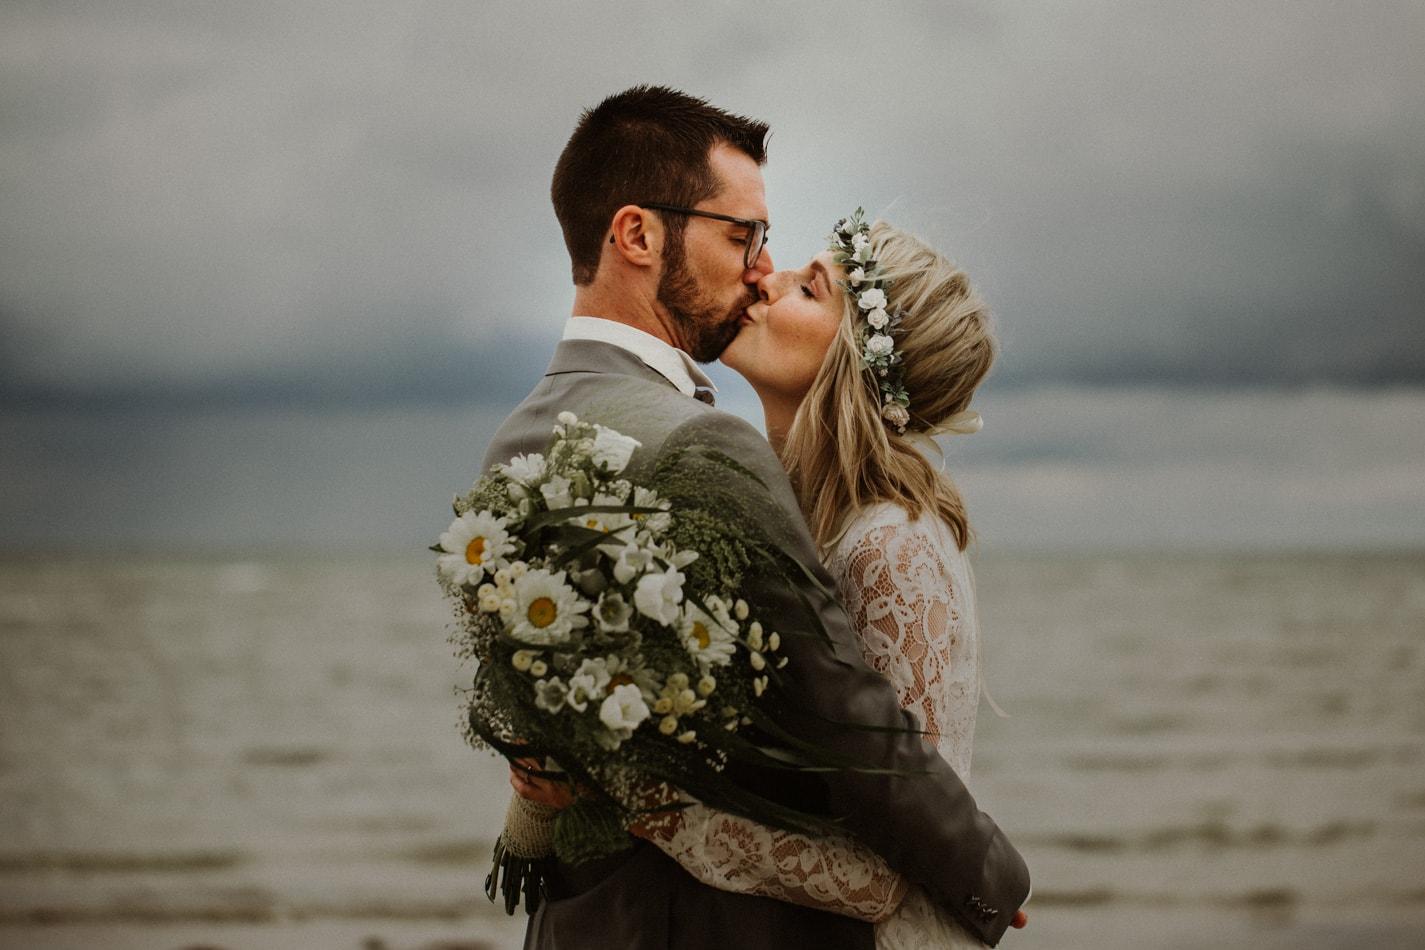 Hochzeitsfotoshooting am Strand in Stein in Schleswig Holstein